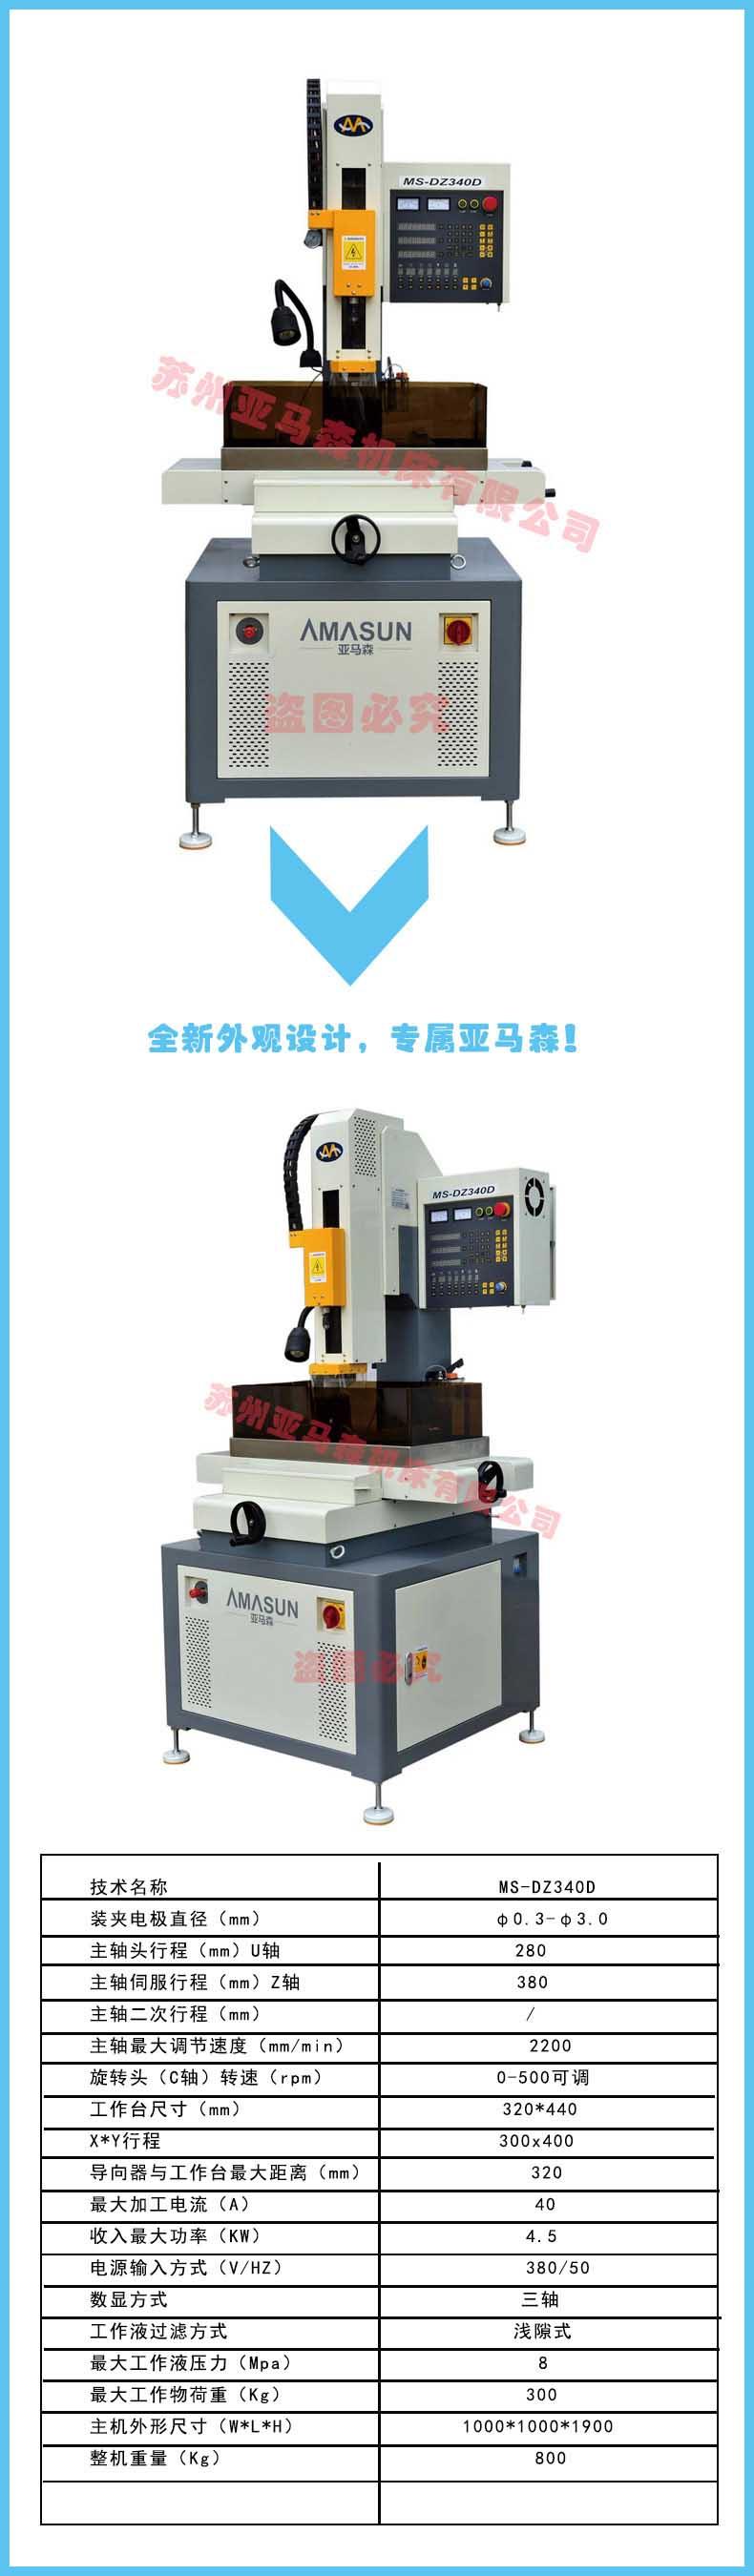 哪里有卖小孔机的 苏州小孔机怎么样,小孔机,穿孔机,电火花小孔机,电火花穿孔机